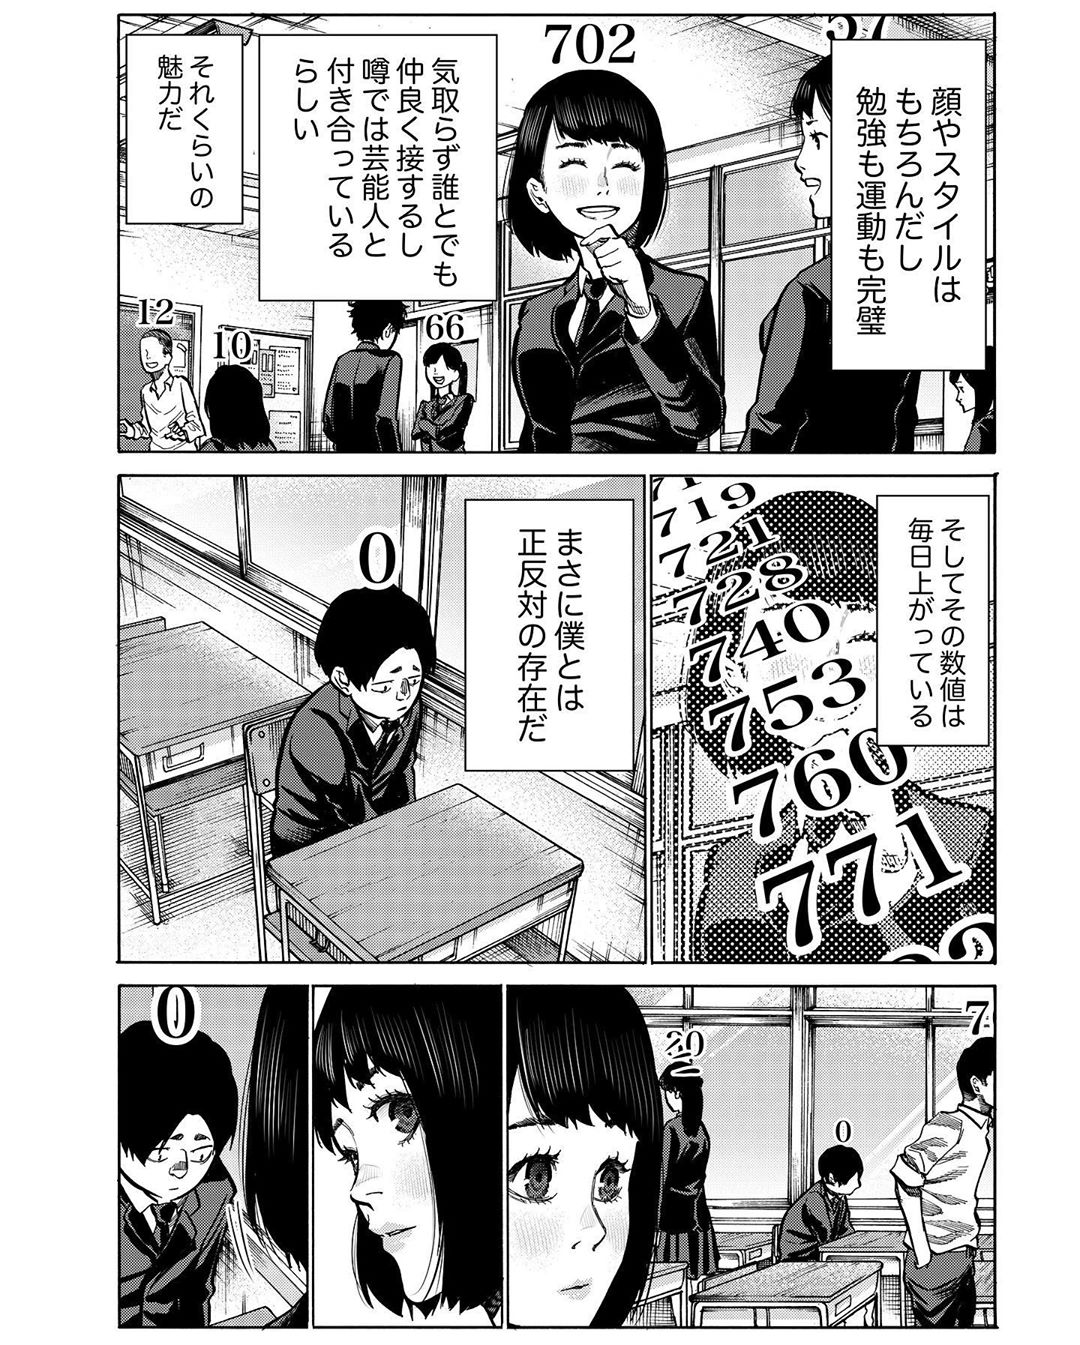 kawakamidaishirou_88181677_135205668014942_30628020876174046_n